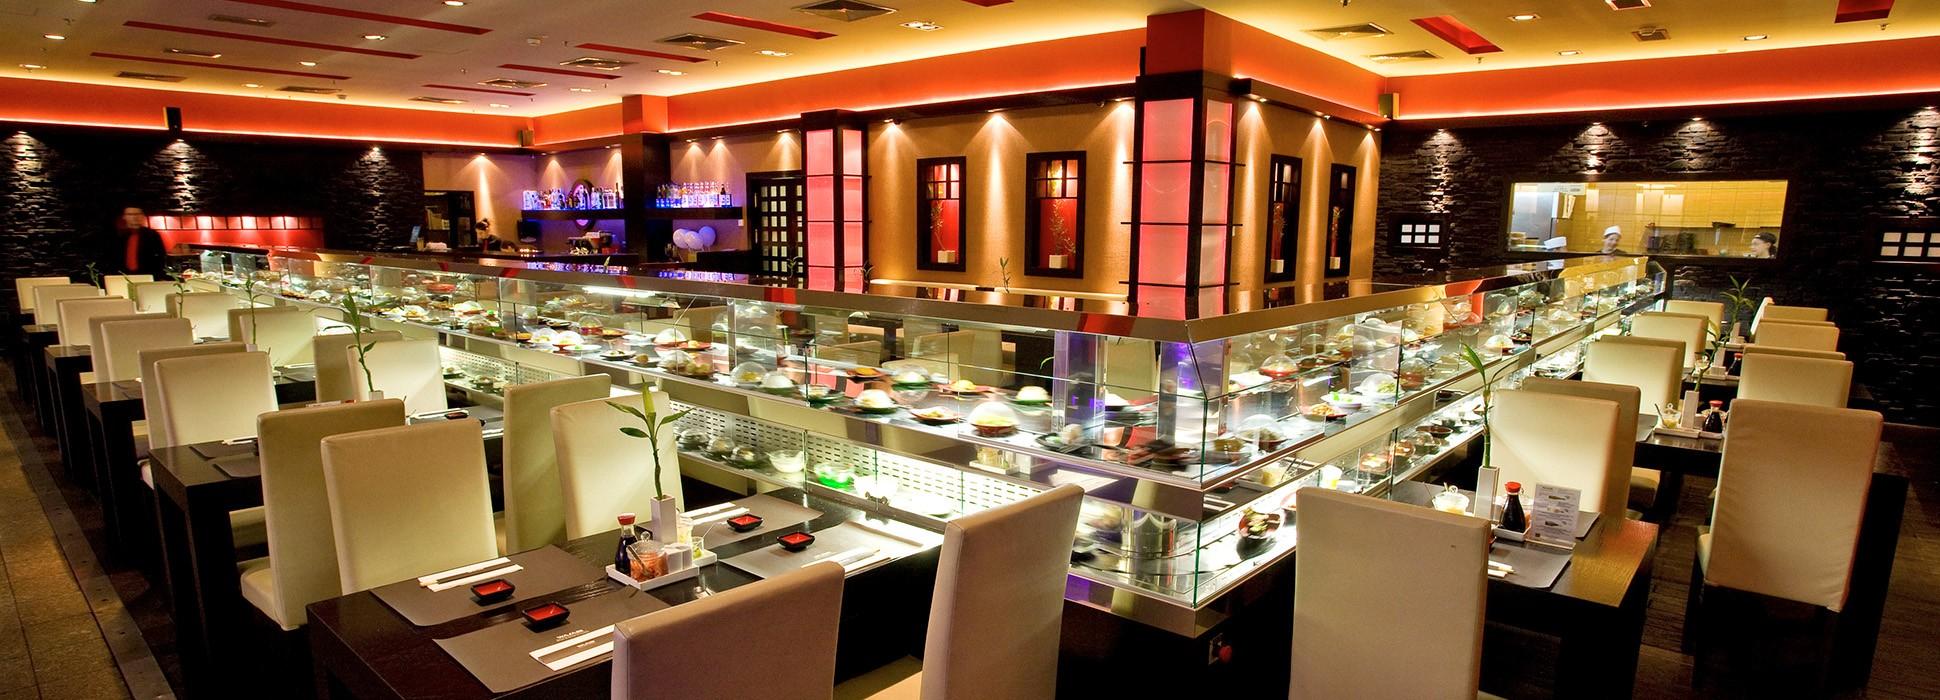 Wasabi Running Sushi Wok Restaurant Linkedin